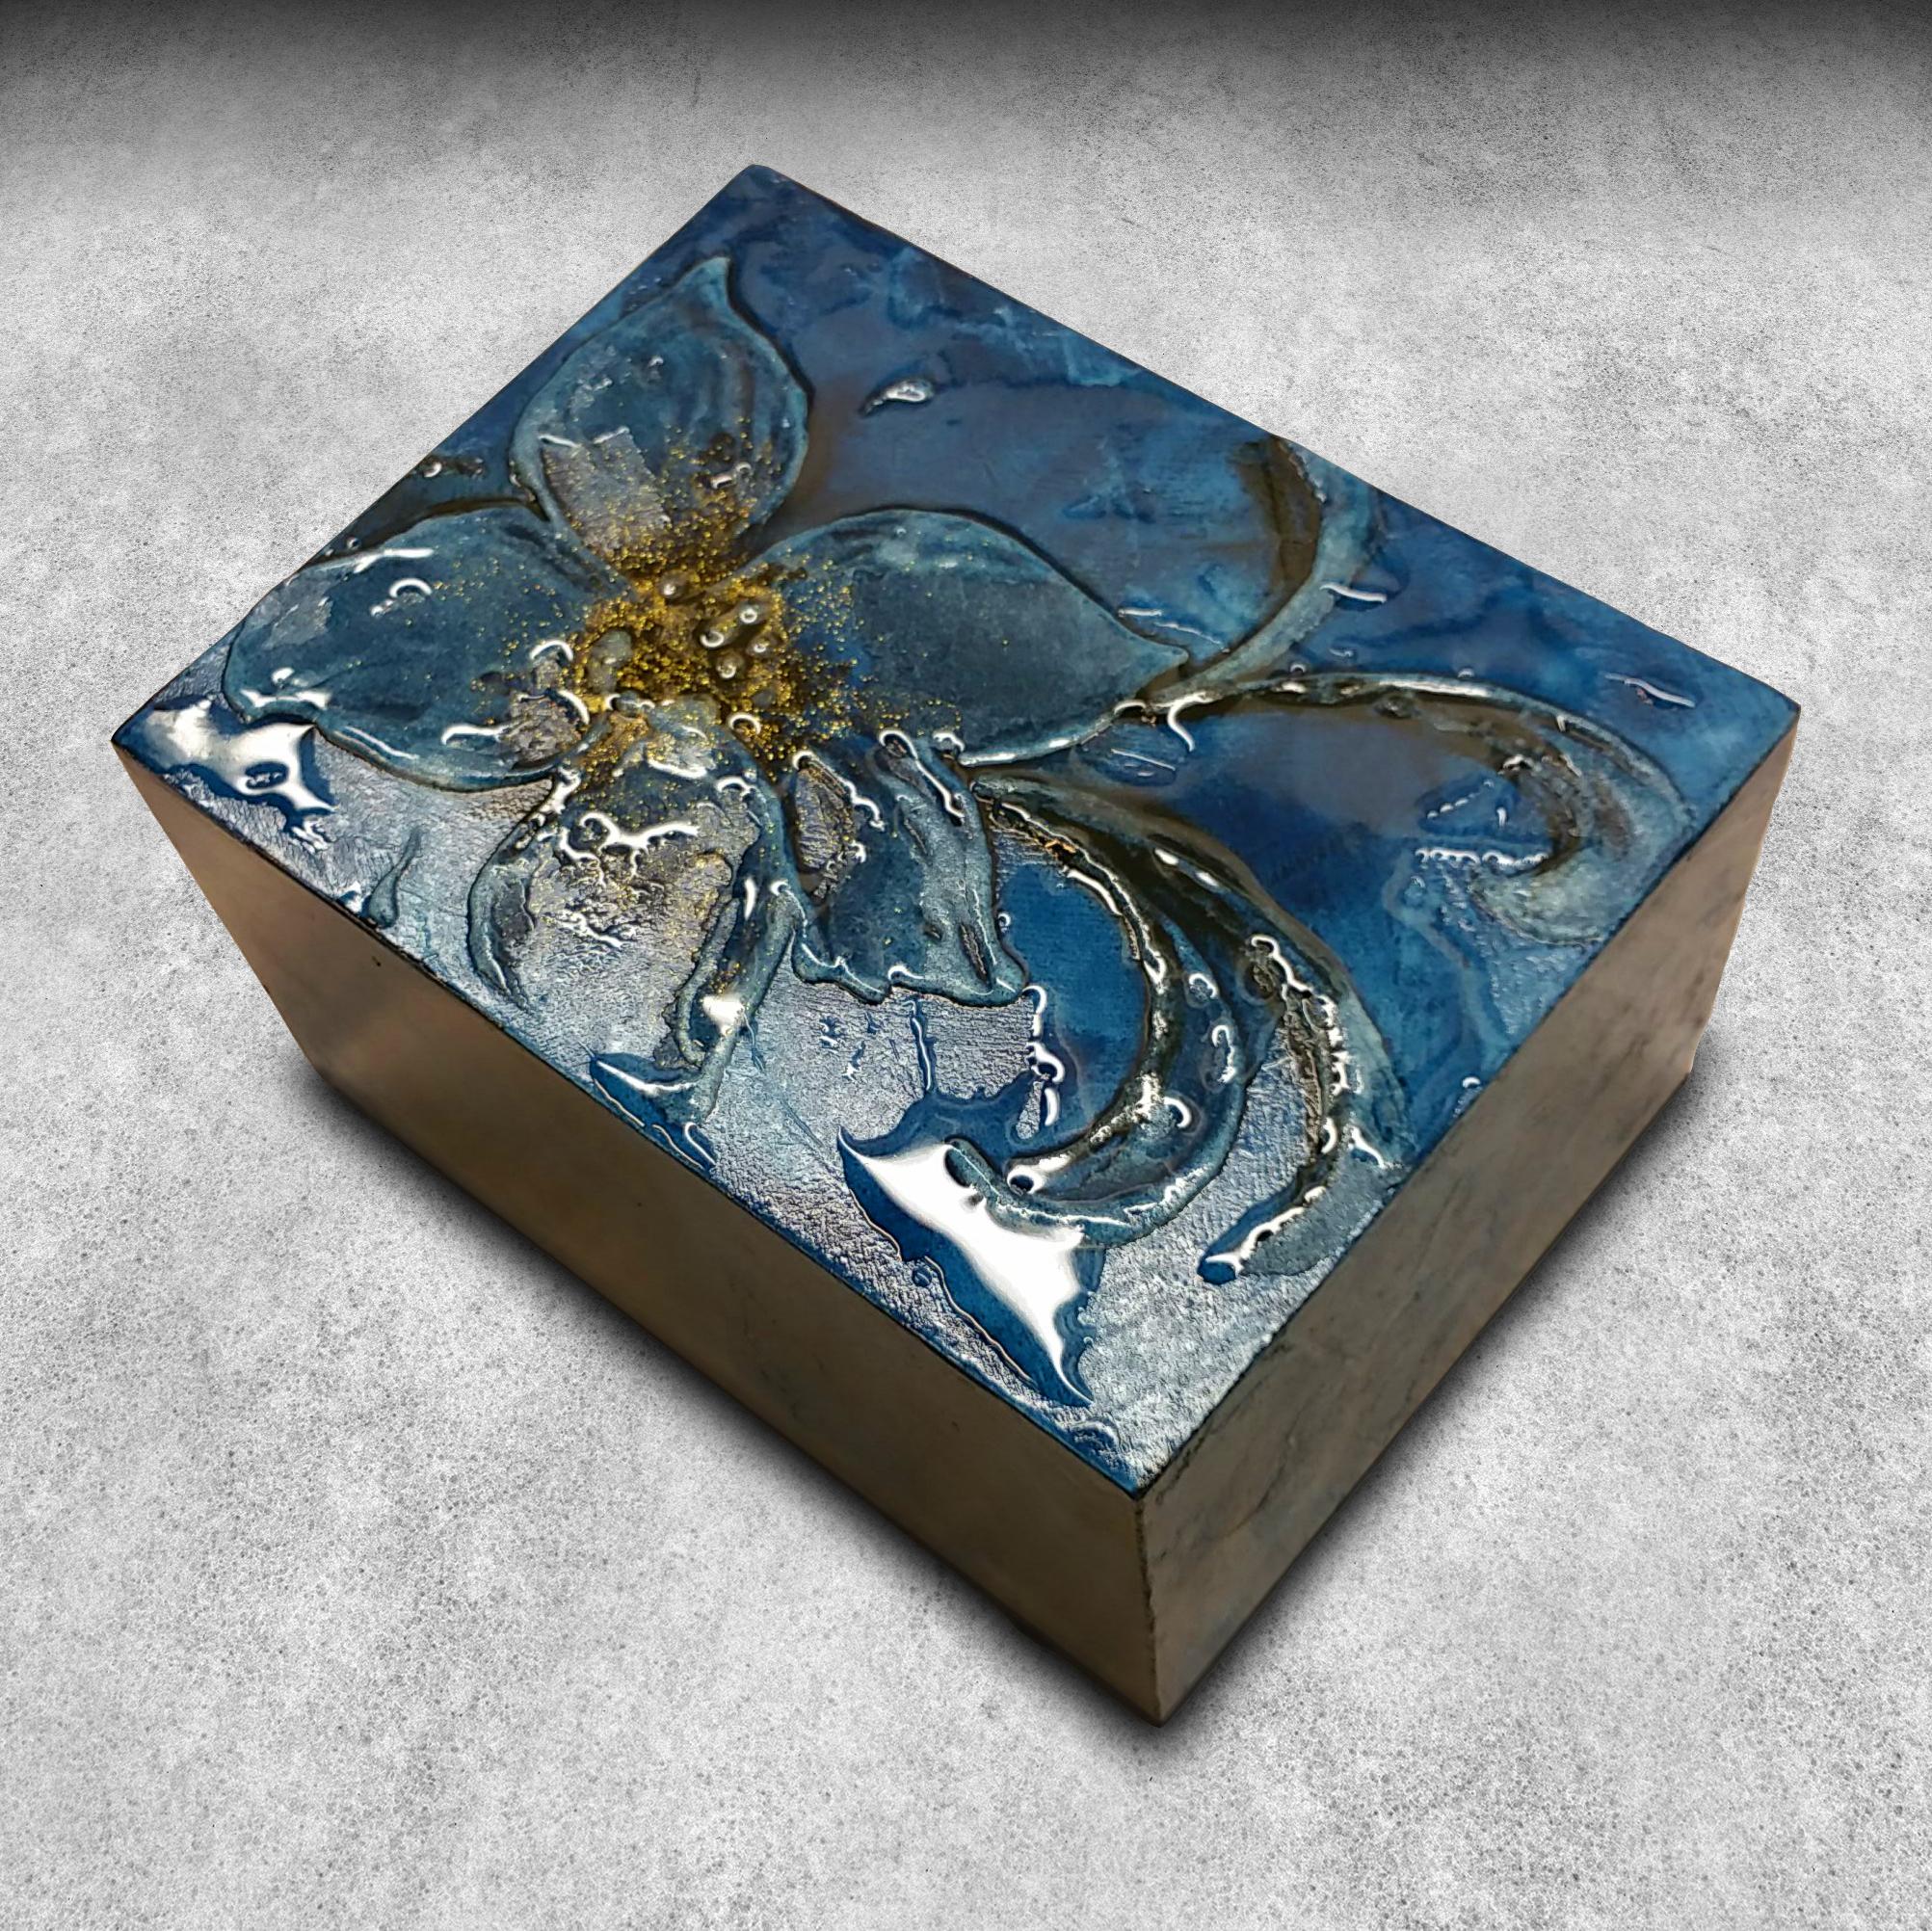 Astuccio per Orologi e gioielli con finitura in resina con esclusivo effetto bagnato.